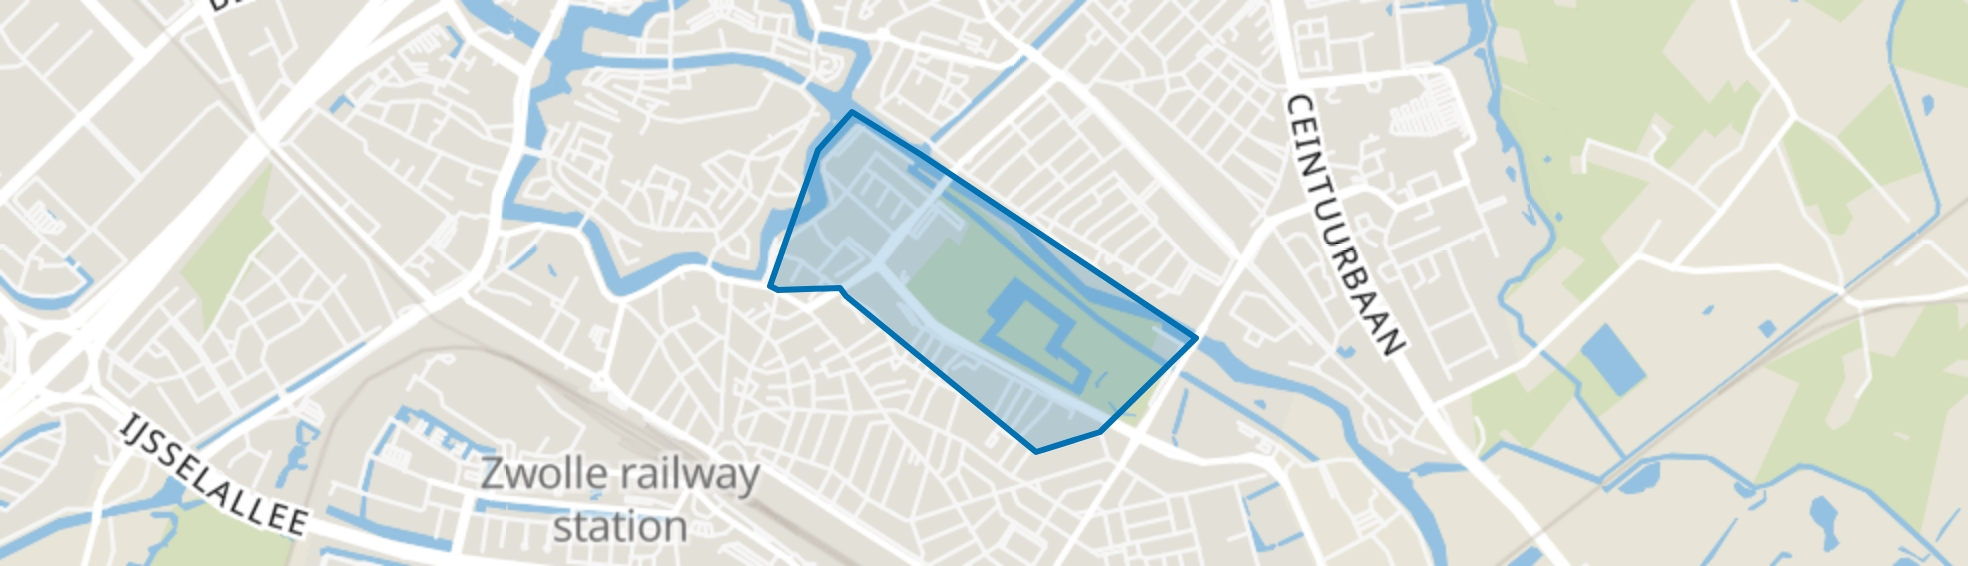 Wezenlanden, Zwolle map